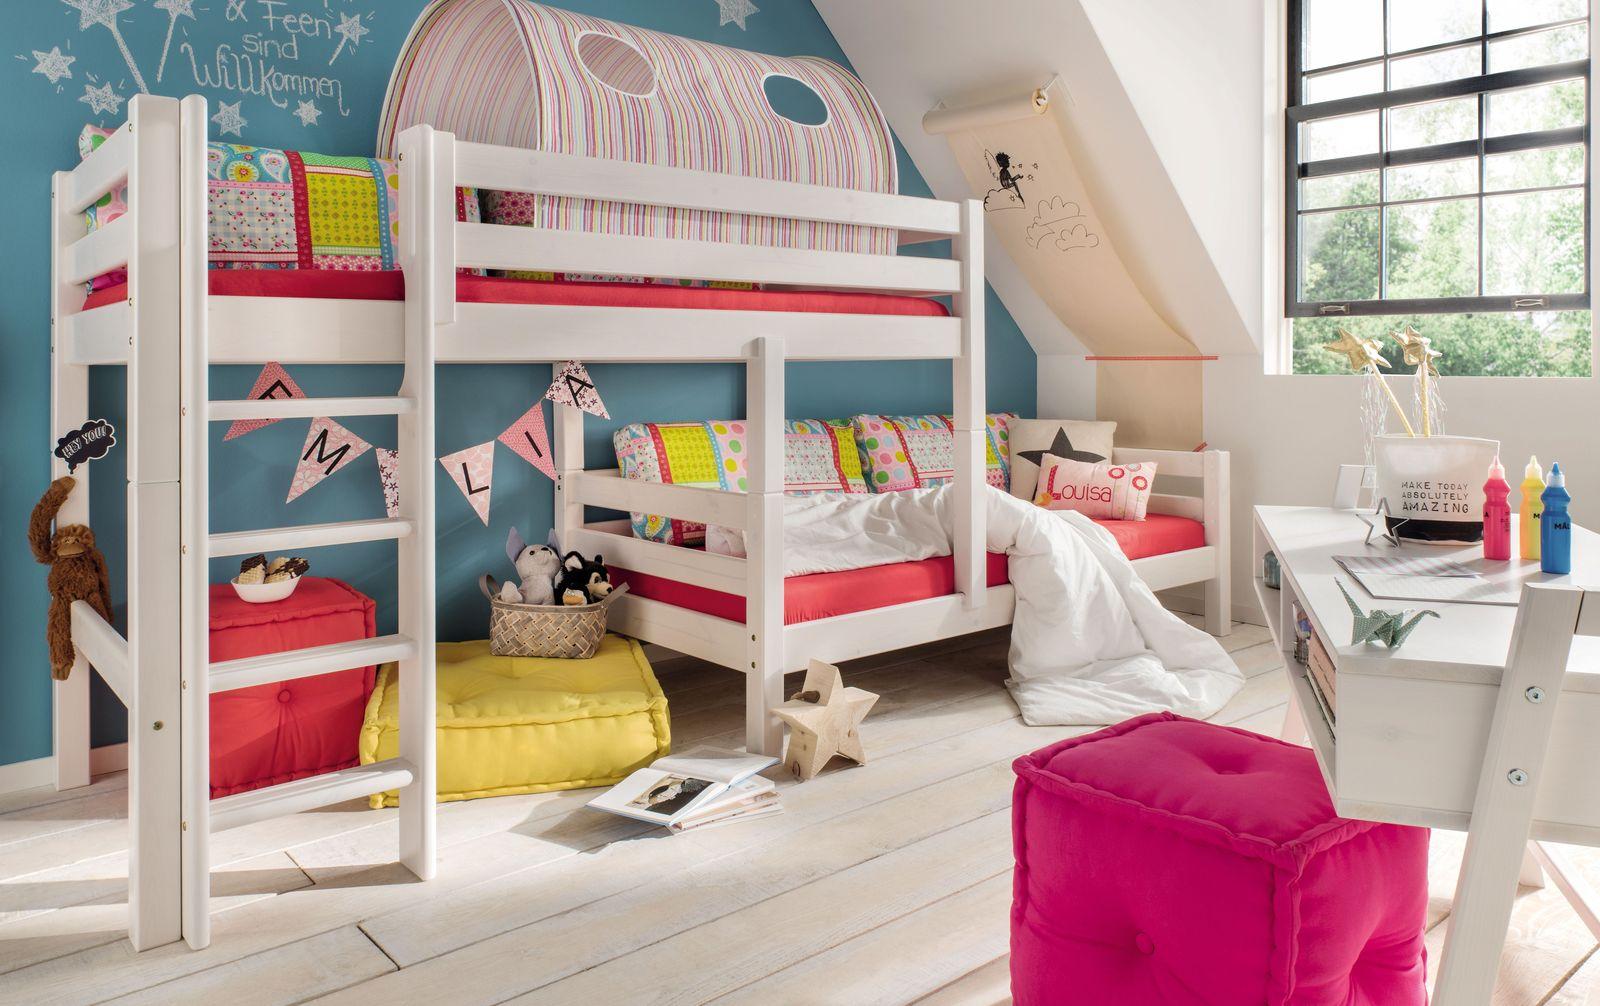 Etagenbett Kids Paradise für Dachschrägen mit stufenförmigen Aufbau